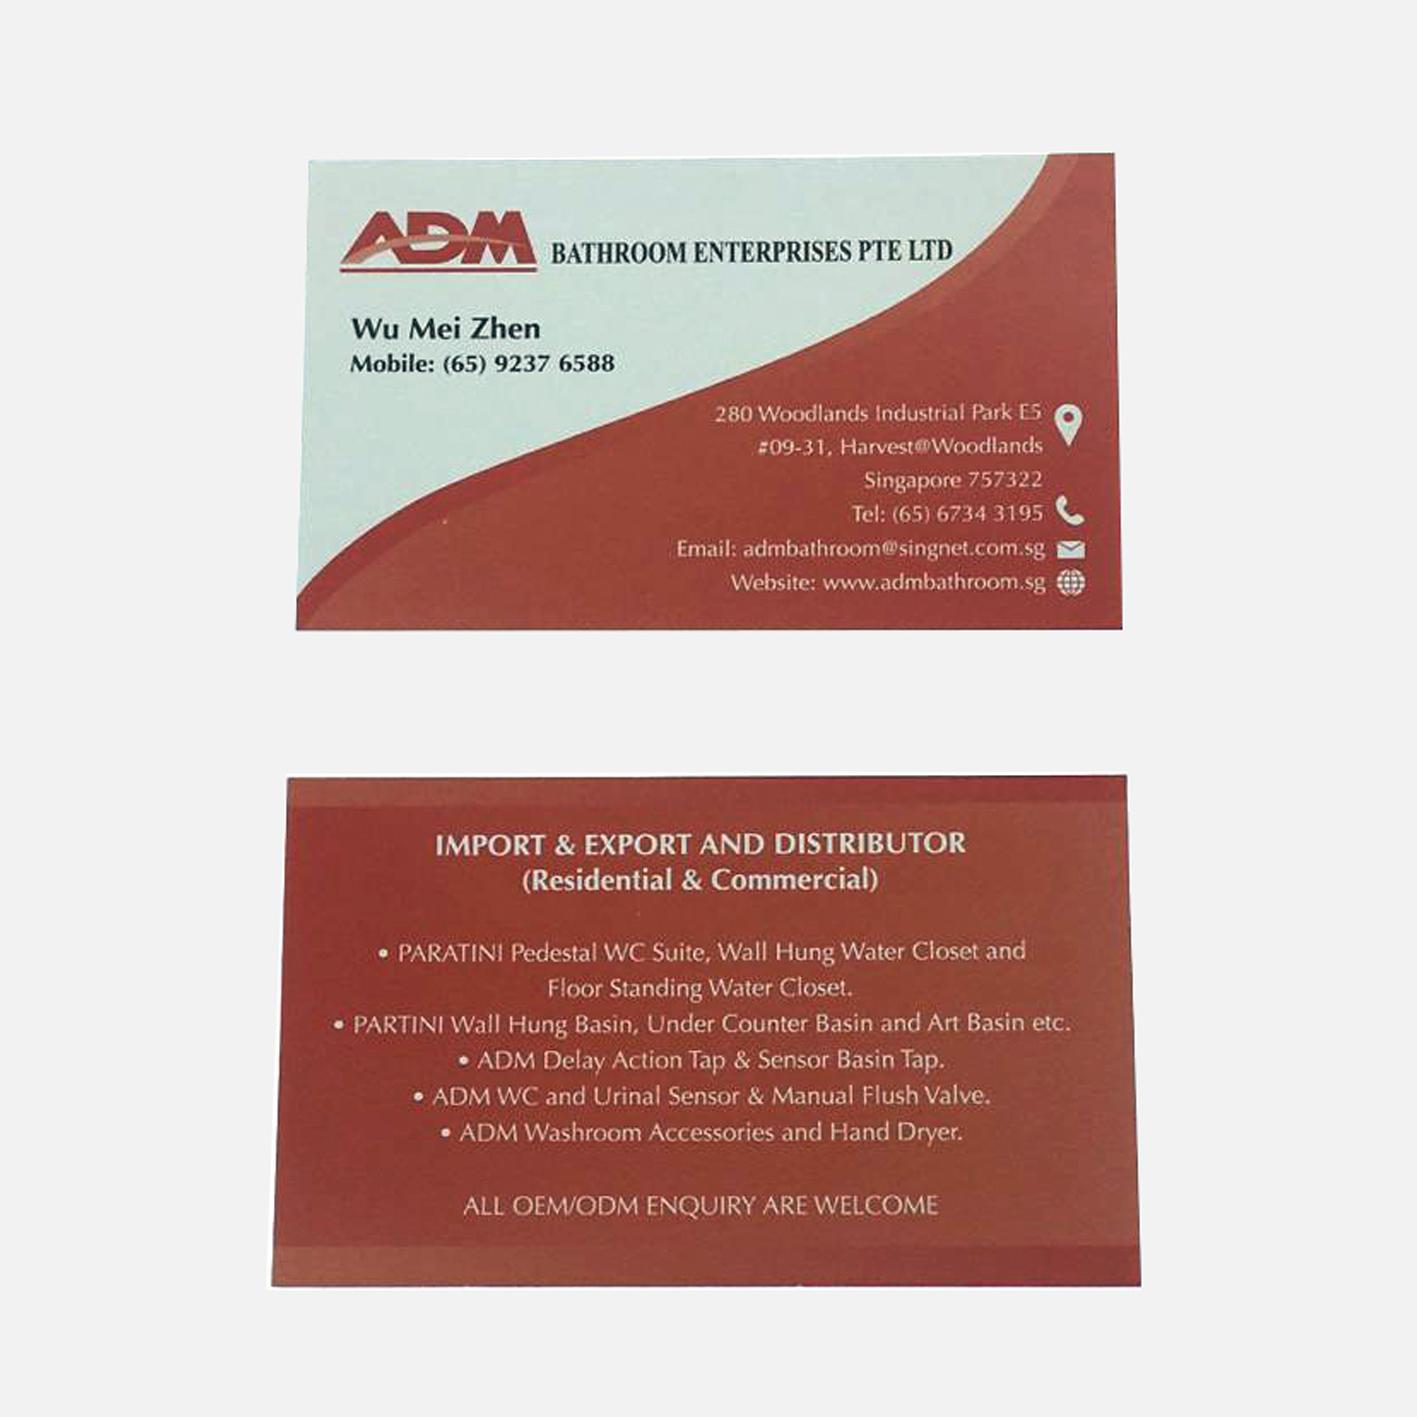 ADM namecard